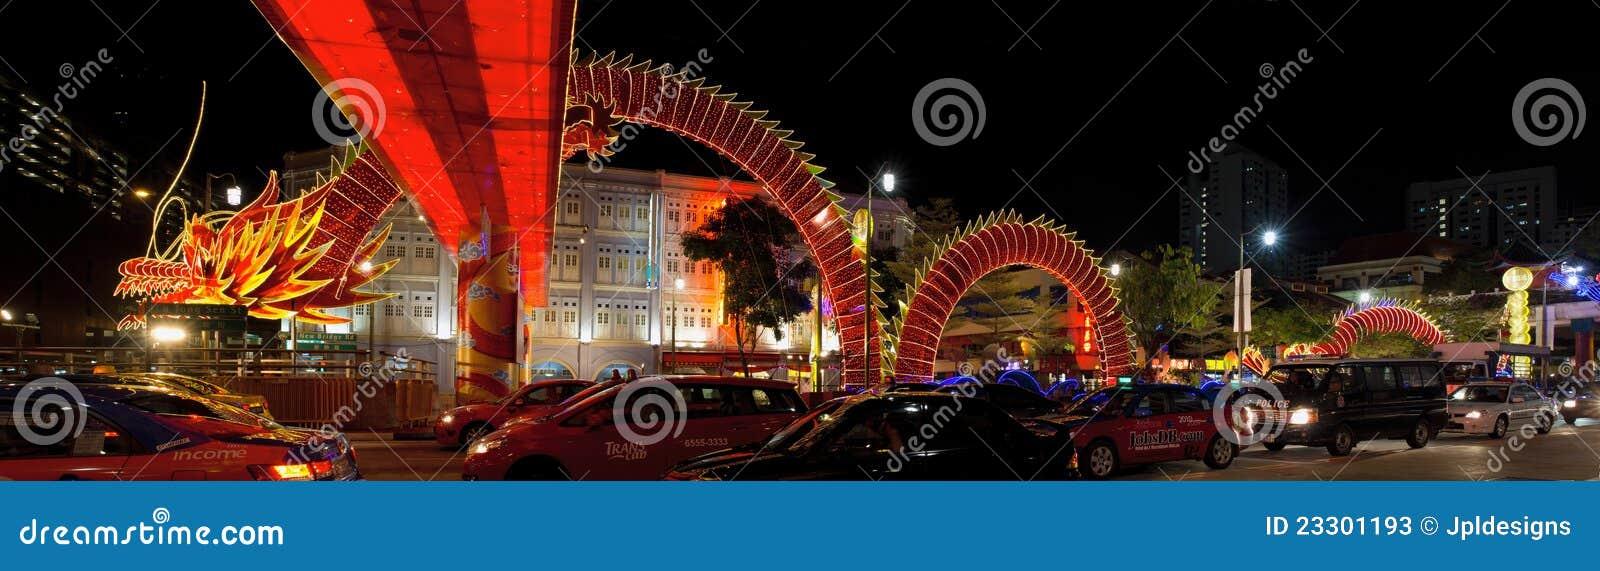 De chinese decoratie van het beeldhouwwerk van de draak van het nieuwjaar 2012 redactionele - Decoratie van de villas ...